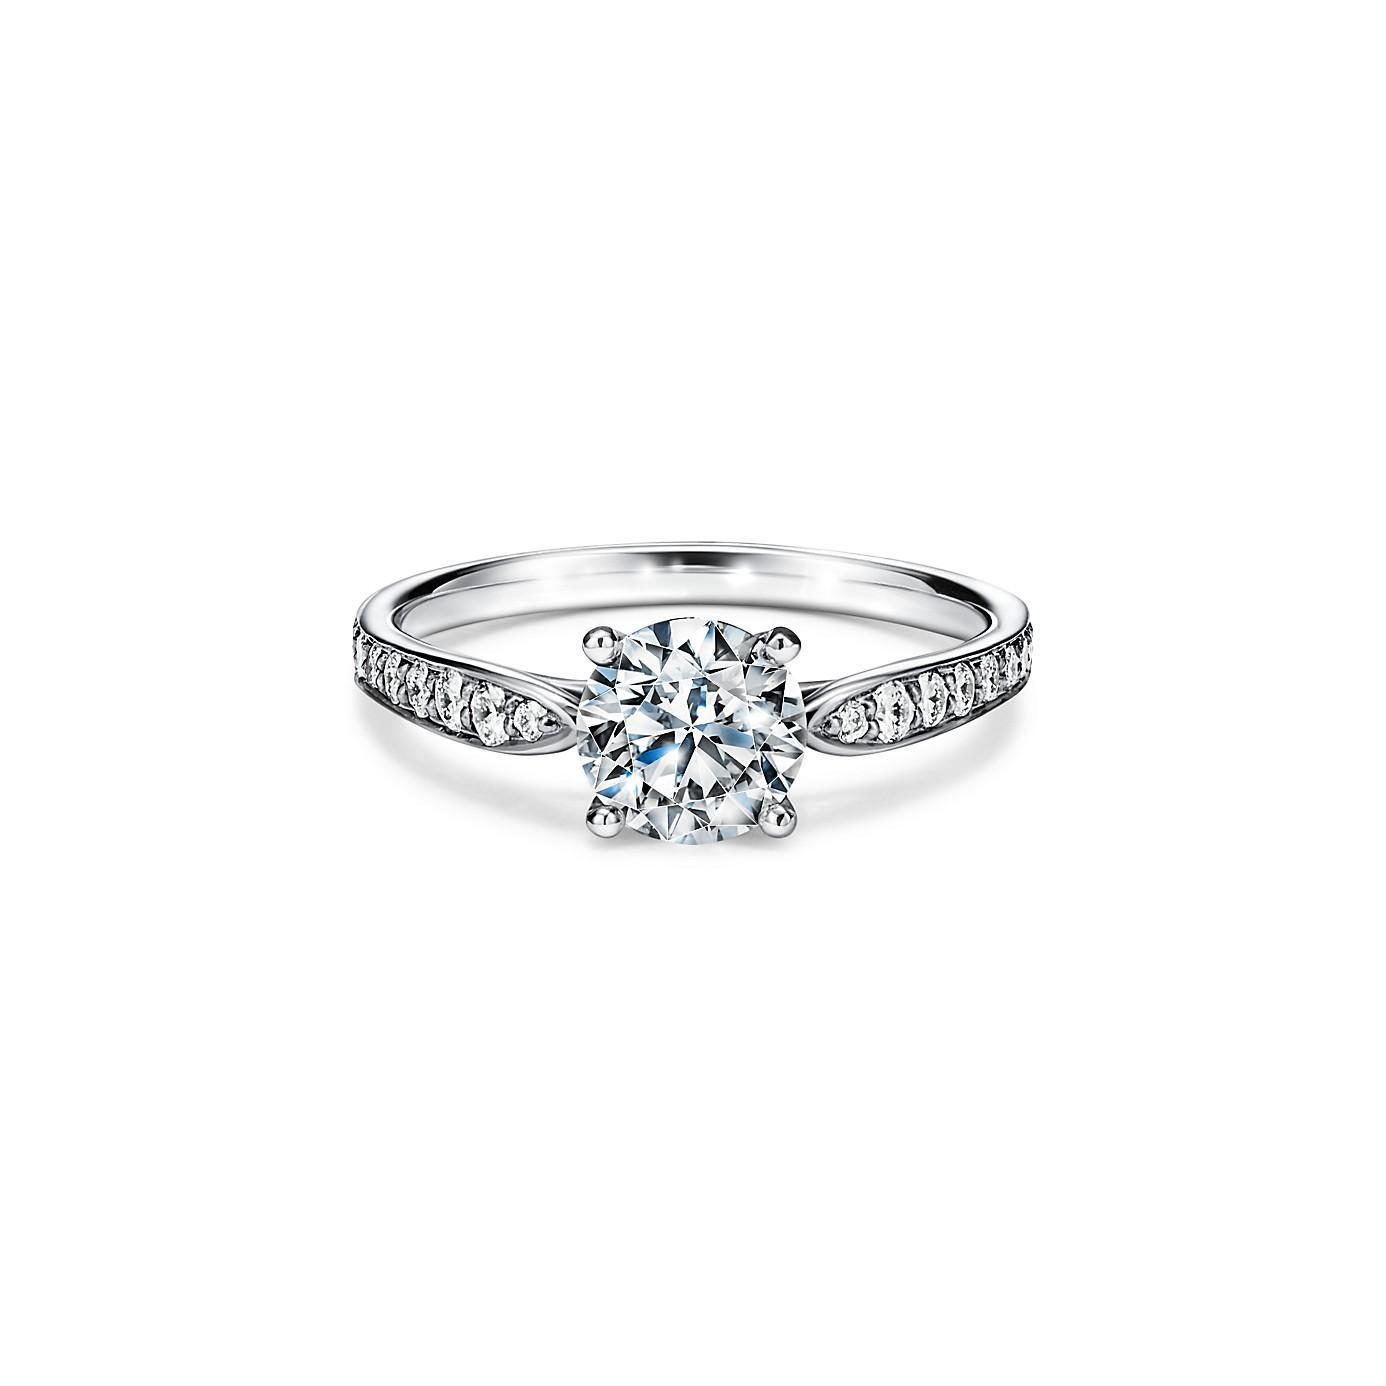 ティファニー ハーモニー エンゲージメント リング ダイヤモンド バンド(1)―Tiffany & Co.(ティファニー)